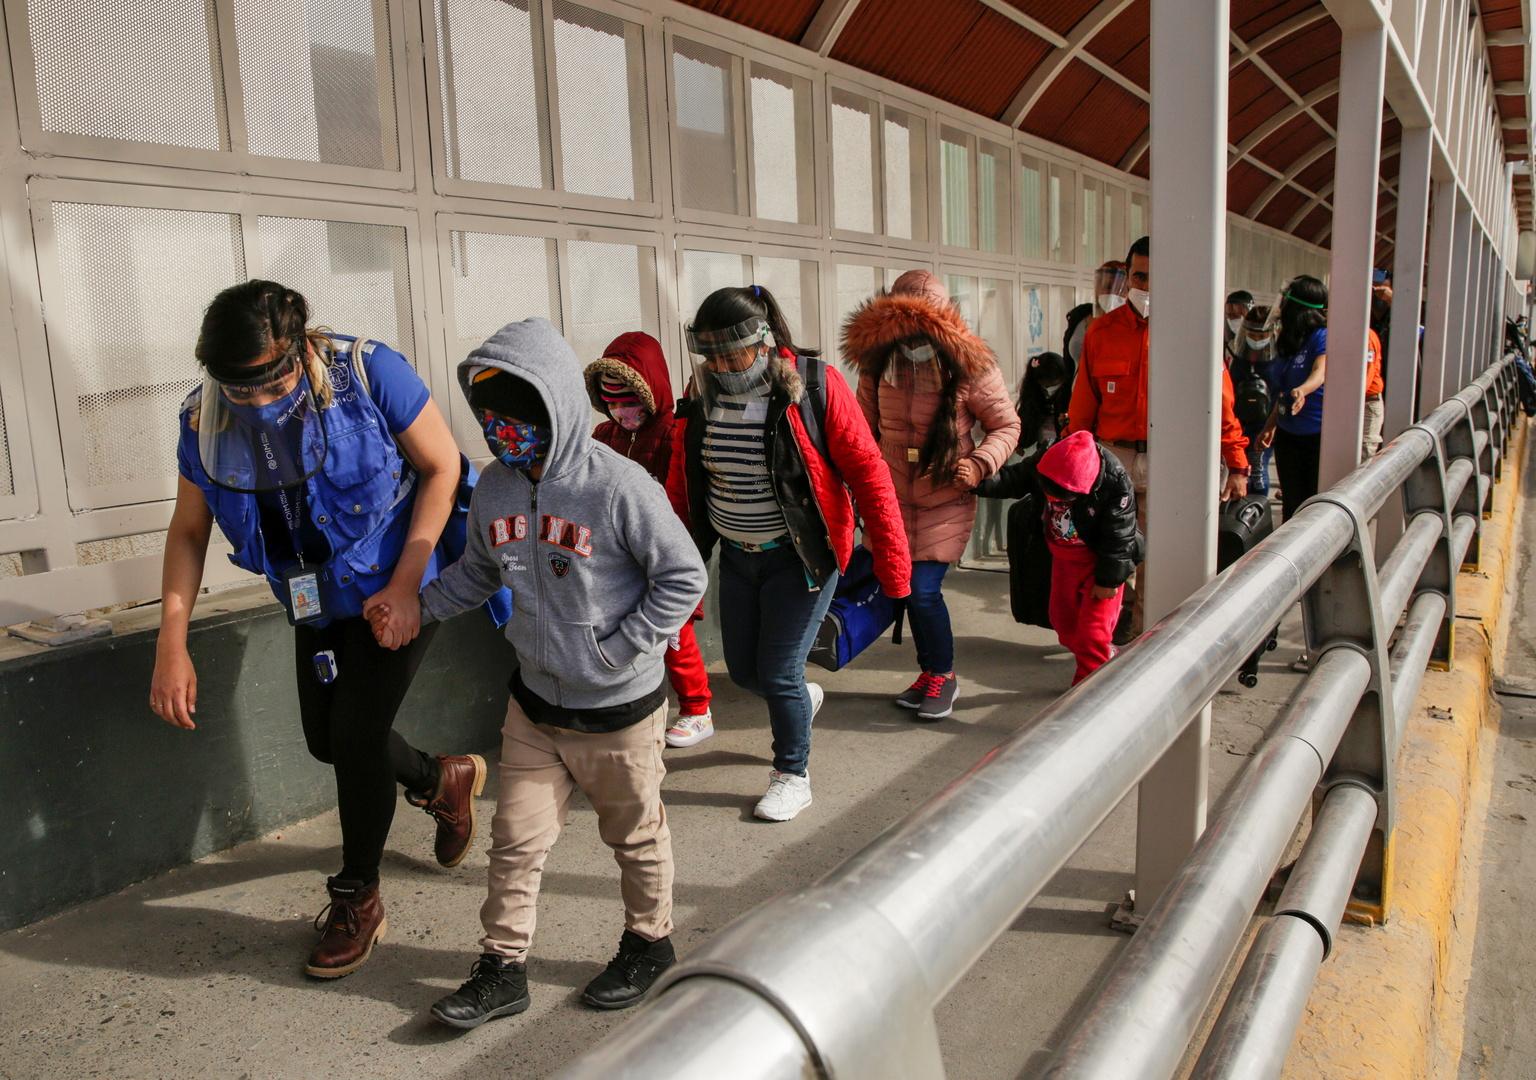 يونيسيف: عدد المهاجرين القصر عند الحدود المكسيكية-الأميركية زاد تسع مرات